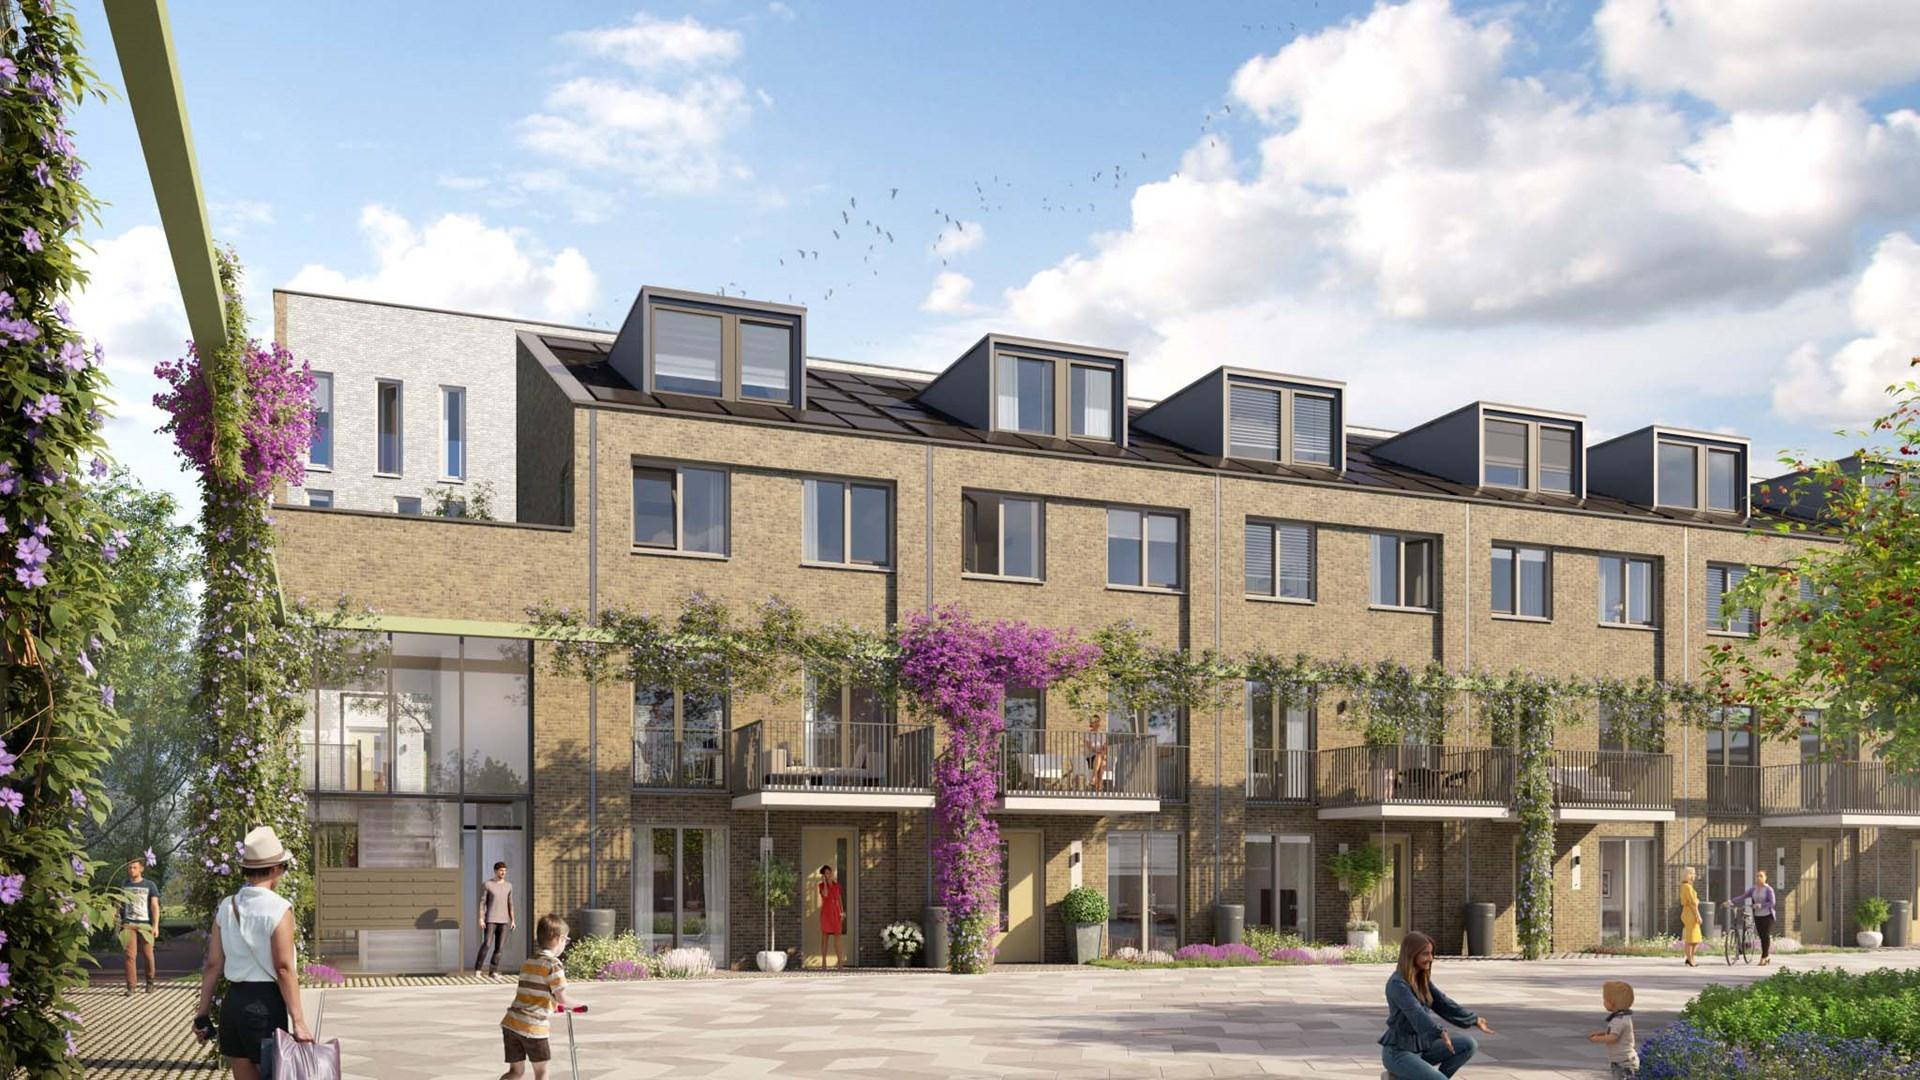 64 nieuwbouwwoningen rondom slachthuis in Haarlem-Oost in de verkoop: 'Dit moet een buurt worden waar men elkaar 'goedemorgen' zegt'